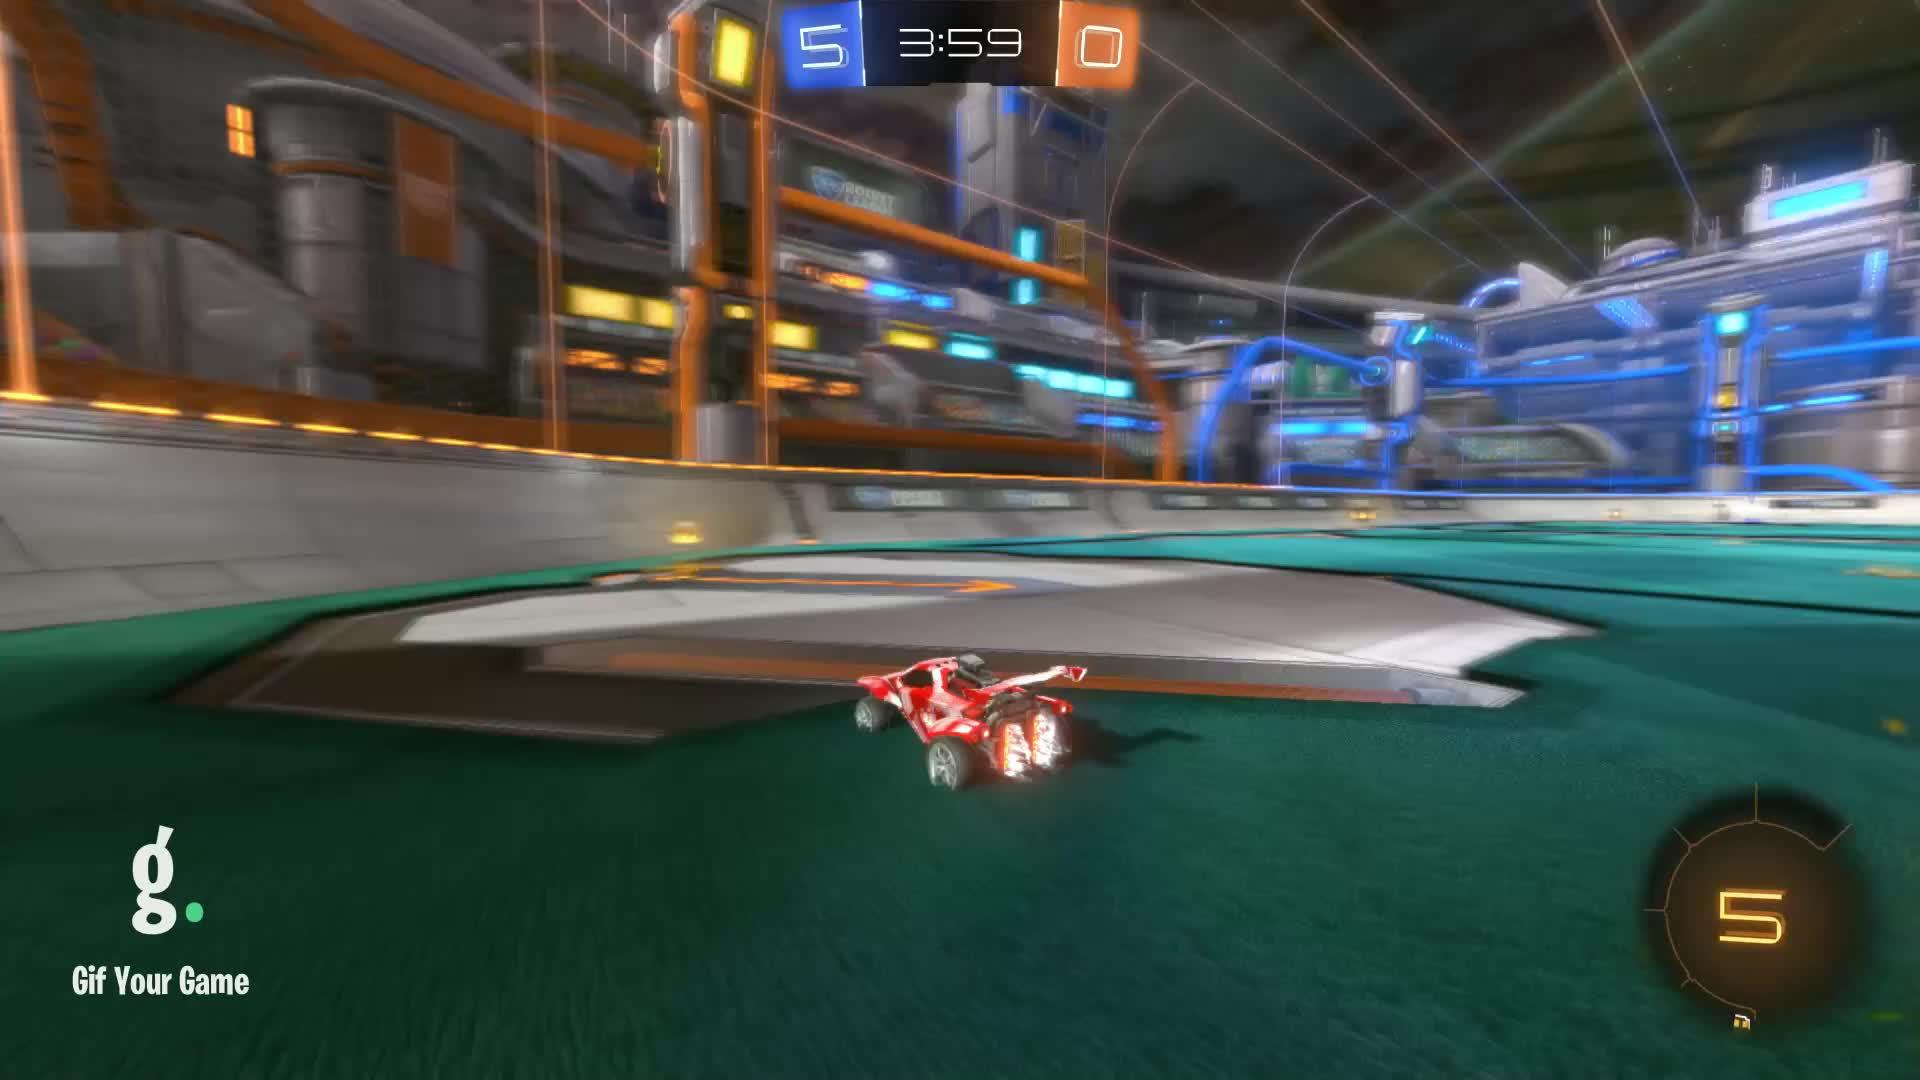 Gif Your Game, GifYourGame, Goal, Kasook, Rocket League, RocketLeague, Goal 6: Kasook GIFs